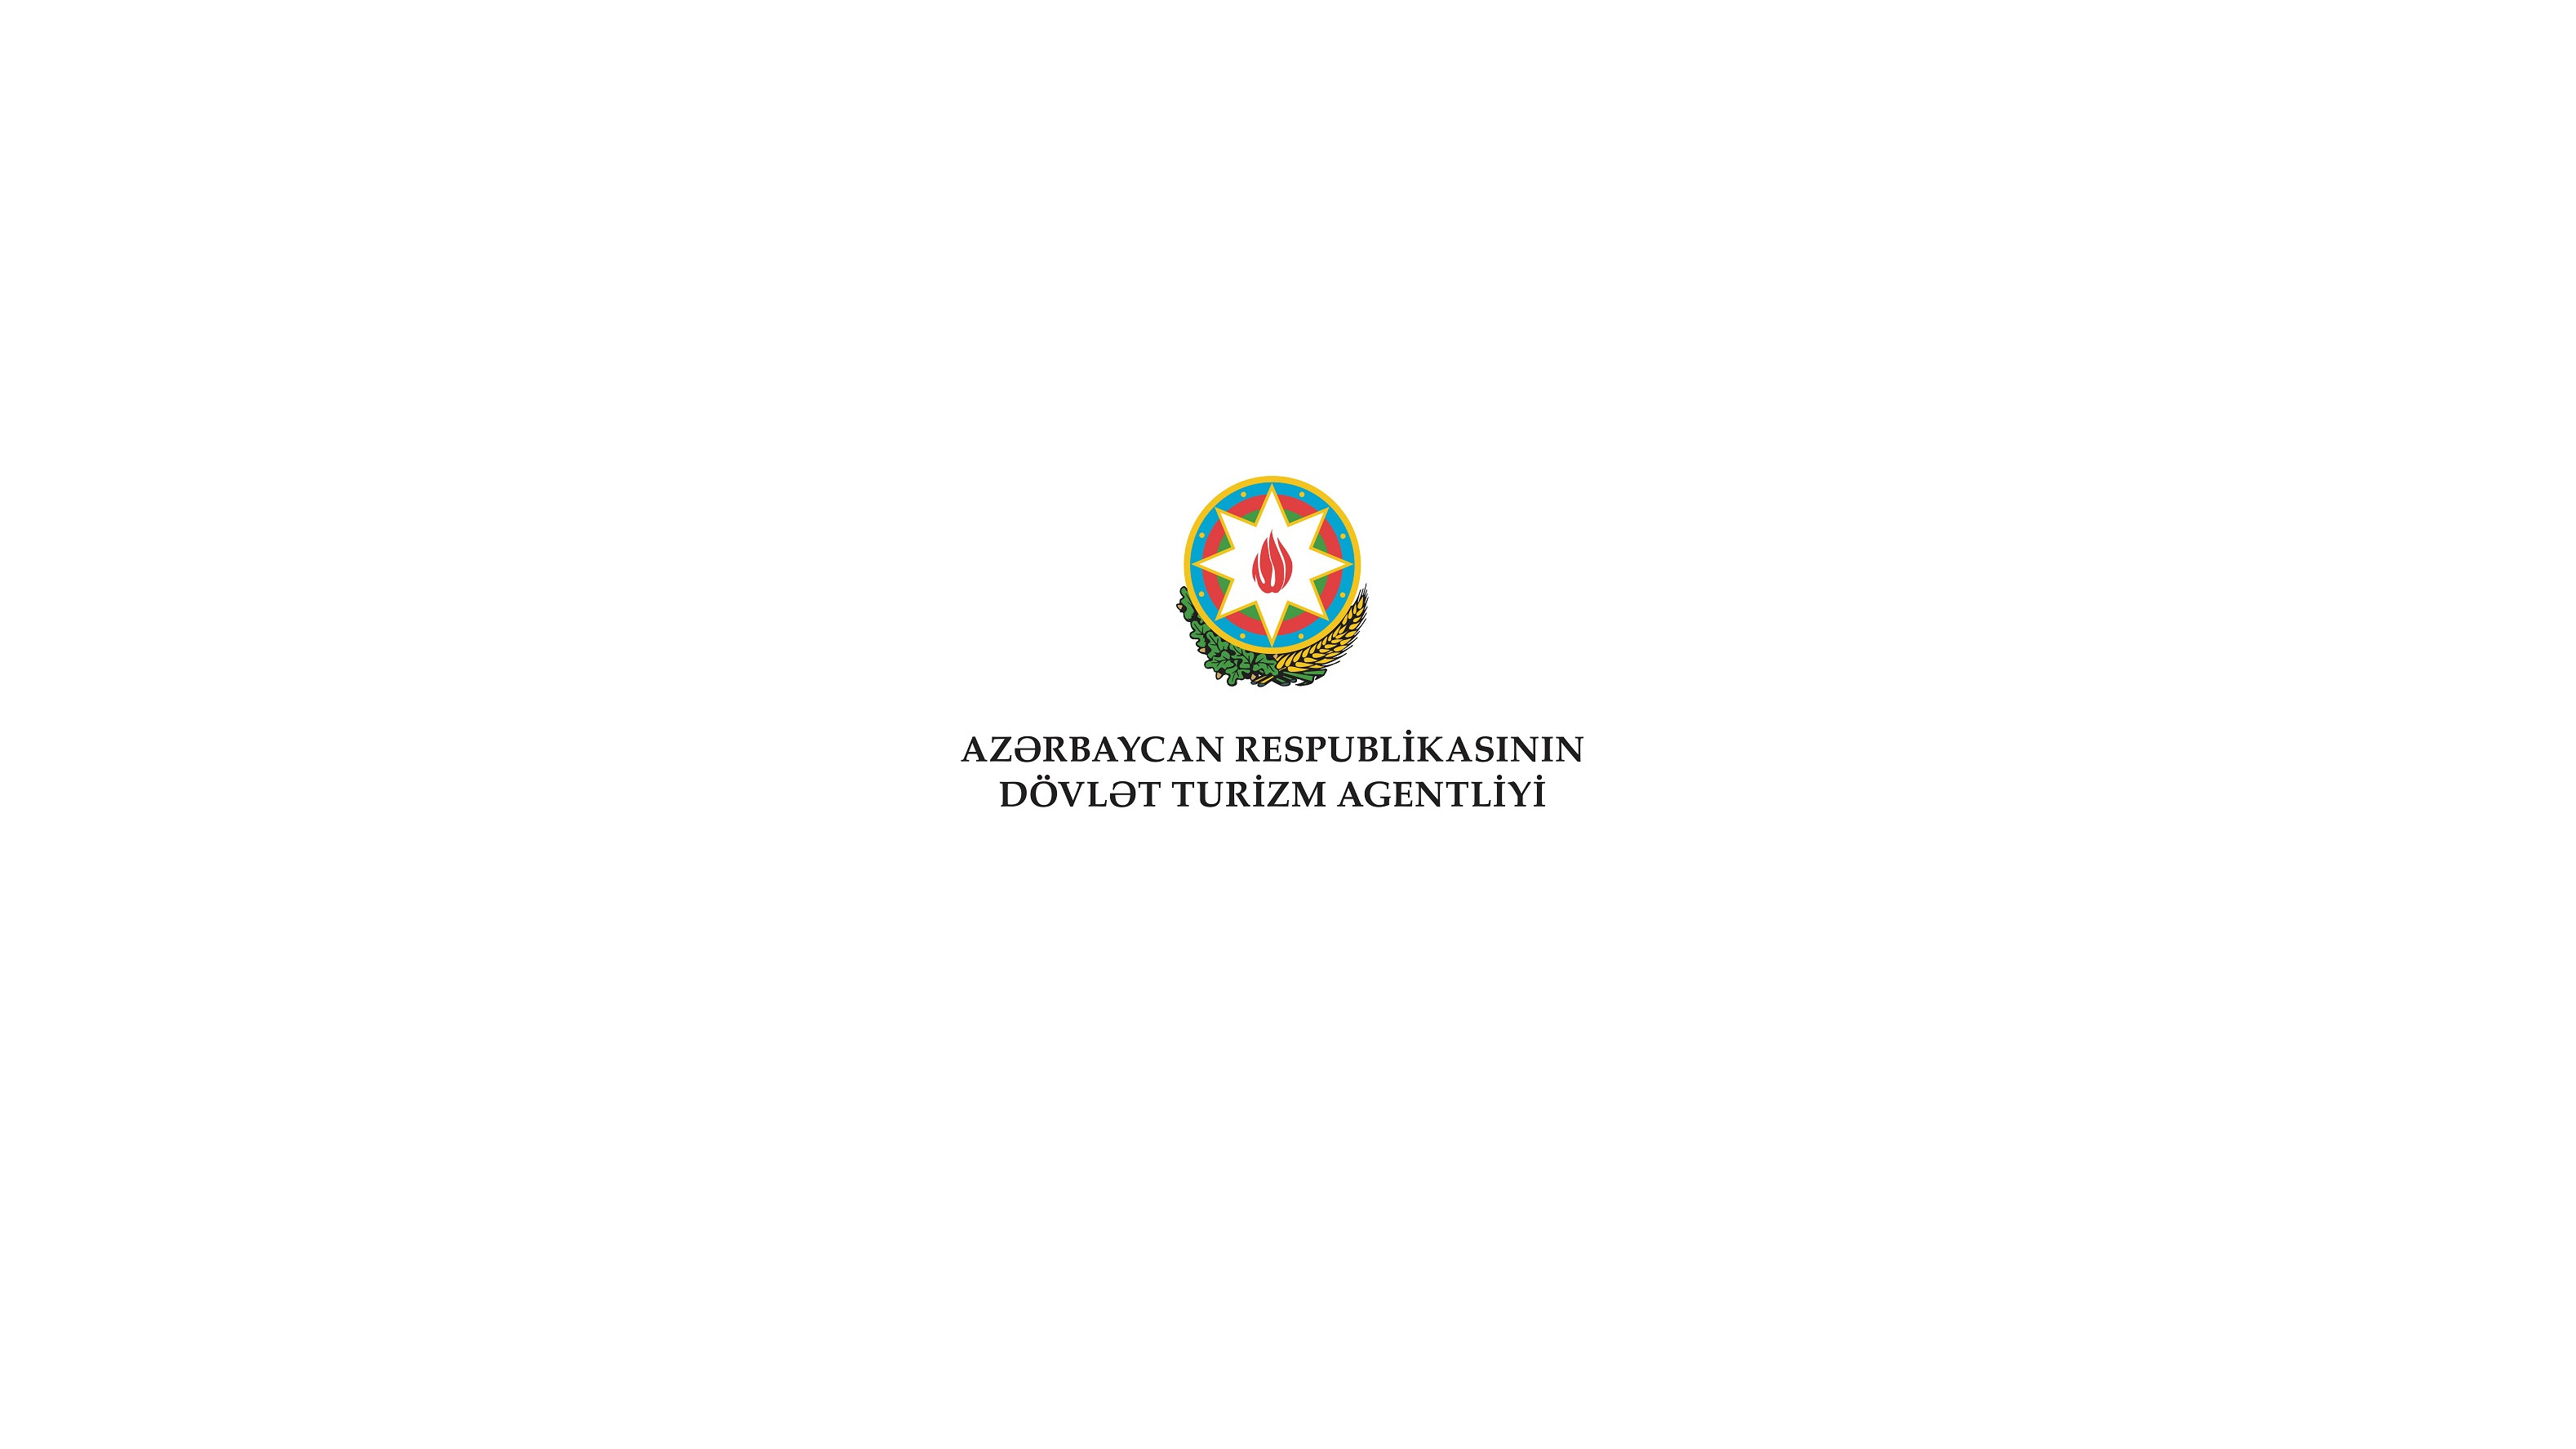 Dövlət Turizm Agentliyi Ümumdünya Turizm Günü ilə əlaqədar müsabiqə elan edir